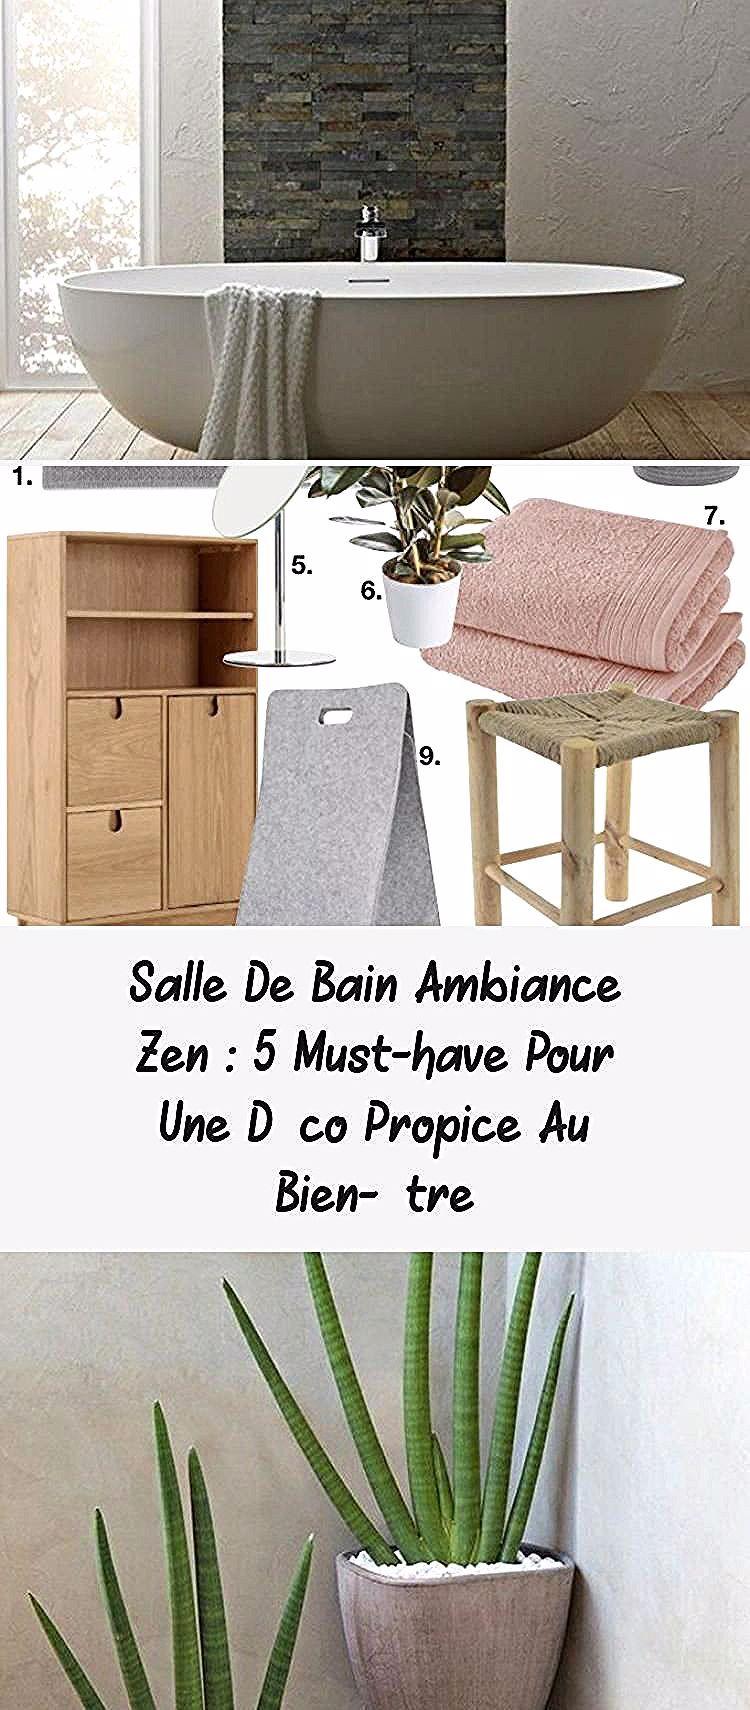 Salle De Bain Ambiance Zen 5 Indispensables Clem Around The Corner Meuble De Salle De Bain Double Lavabo Vasques Blanches Pet In 2020 Home Decor Home Single Vanity